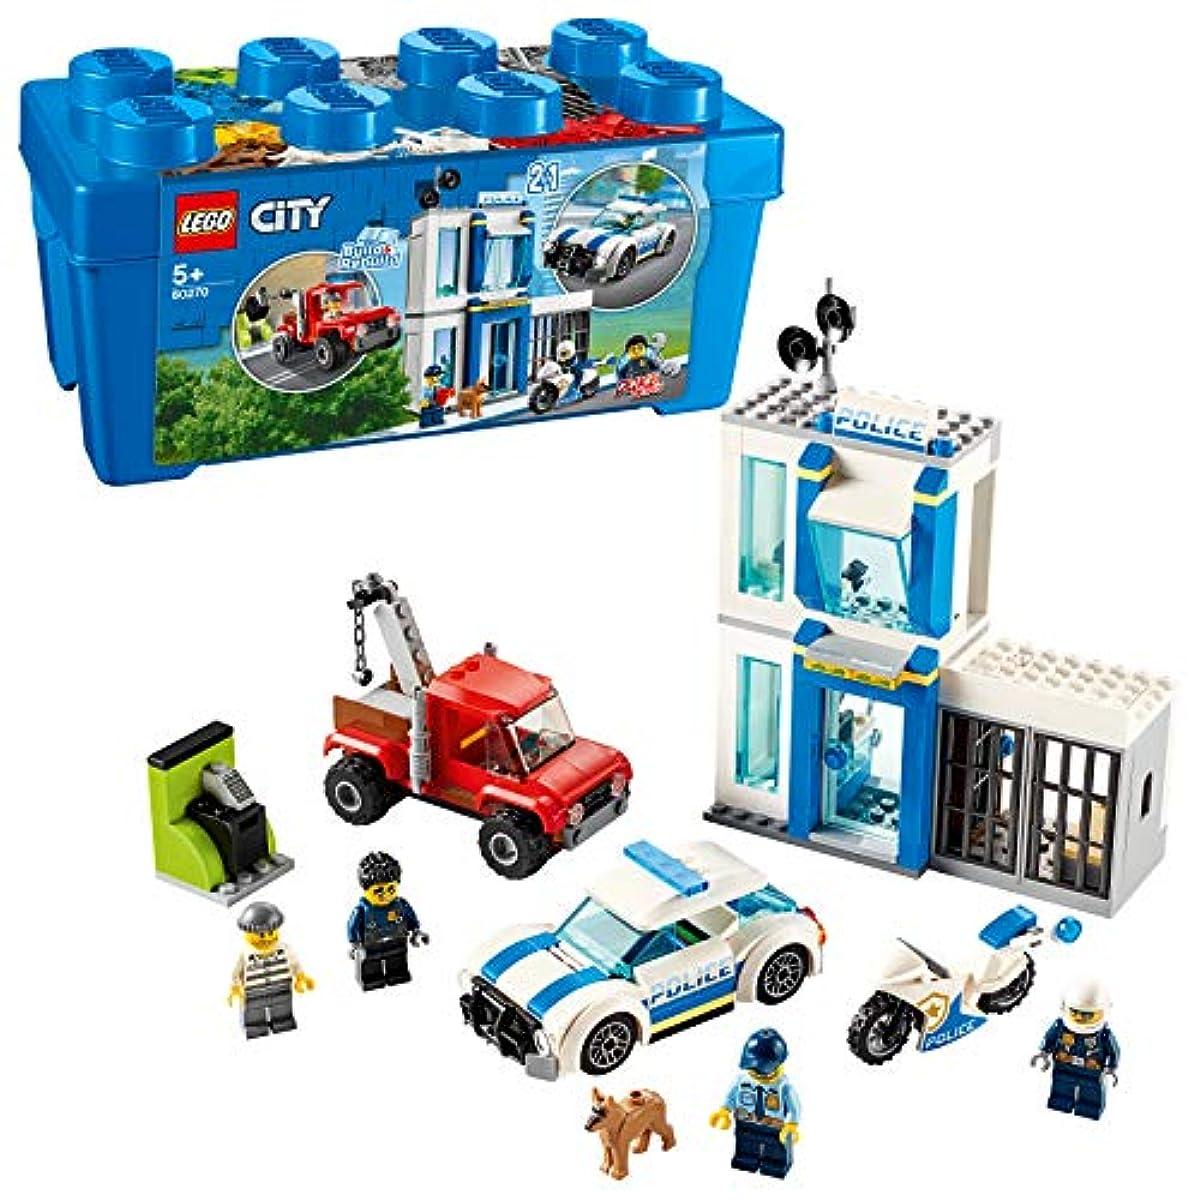 [해외] 레고(LEGO) 씨티 레고 씨티 폴리스 스타터 박스 60270